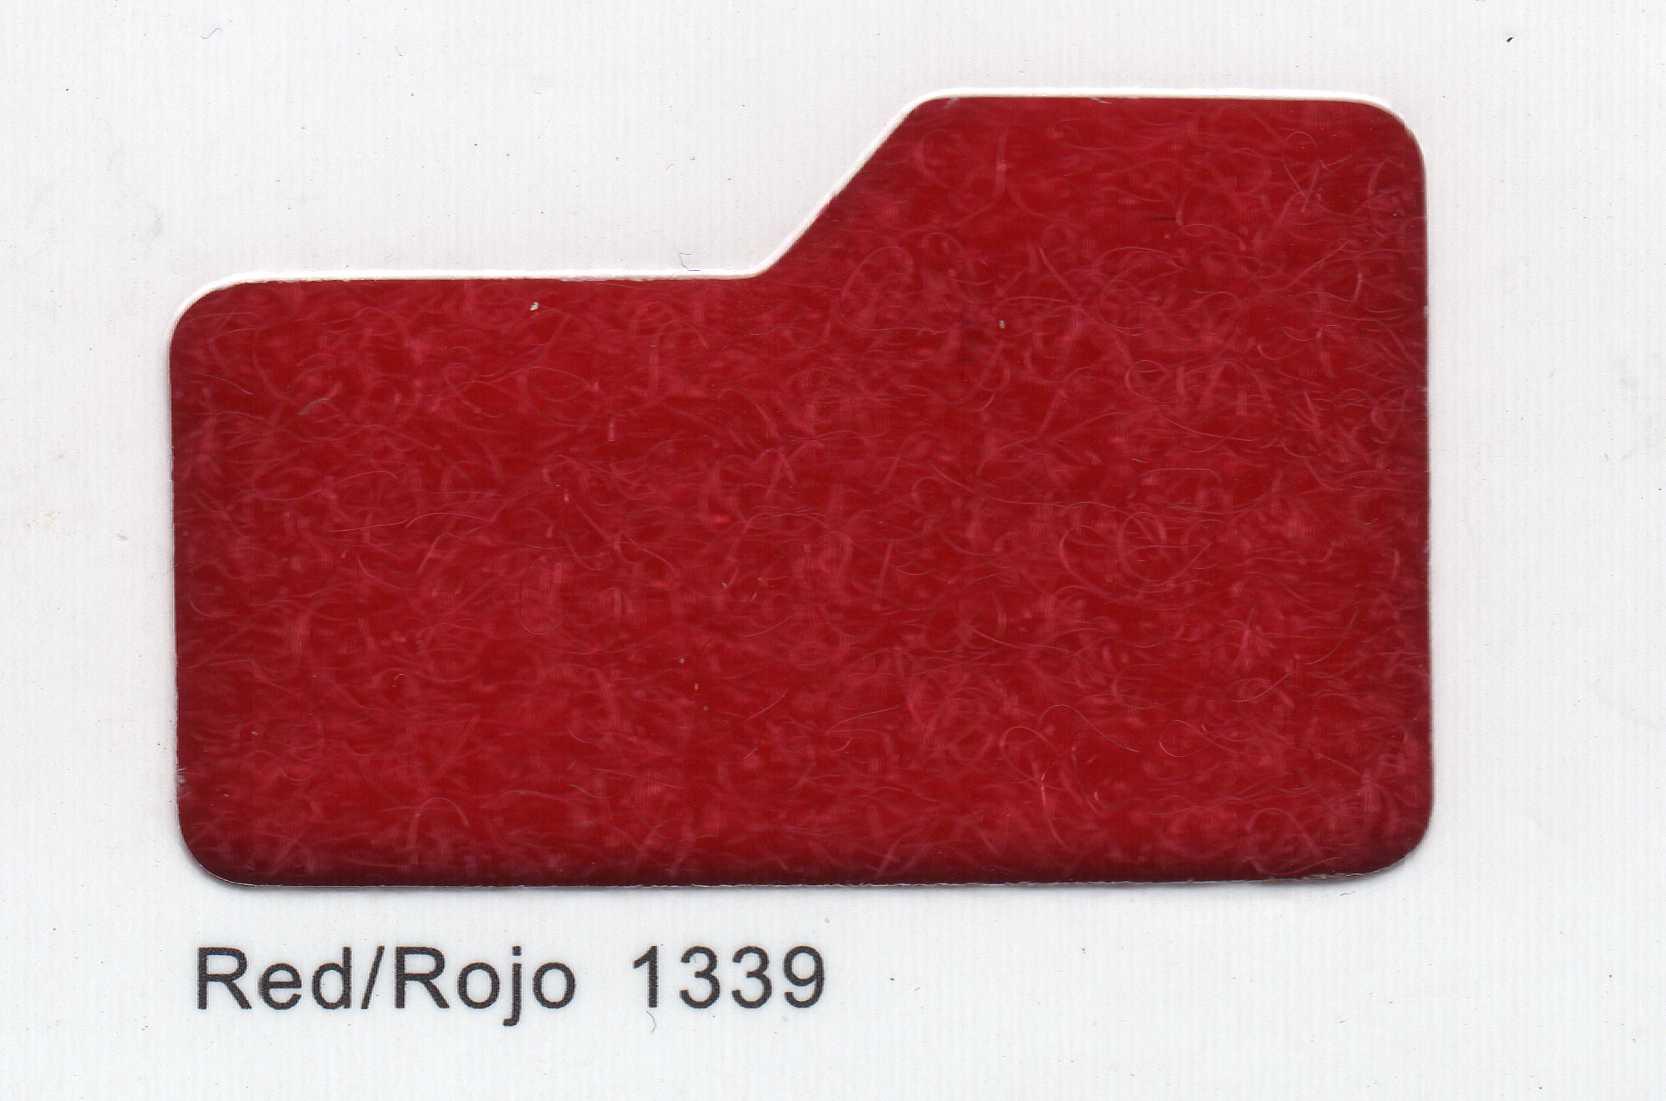 Cinta de cierre Velcro-Veraco 38mm Rojo 1339 (Gancho).